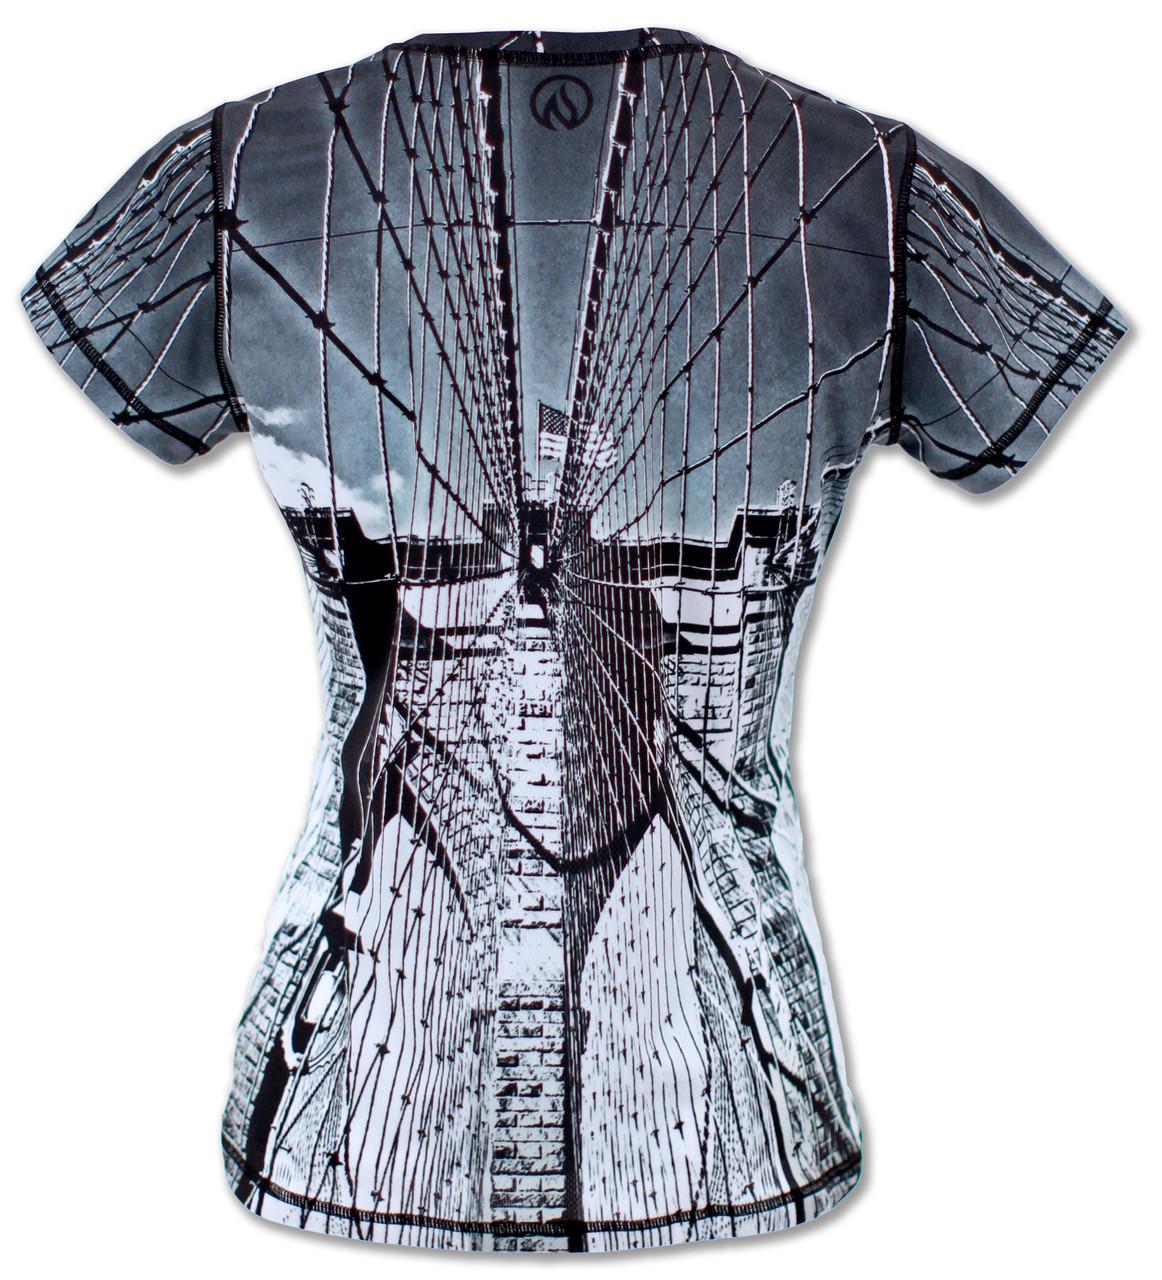 INKnBURN Women's Tribute Tech Shirt Back